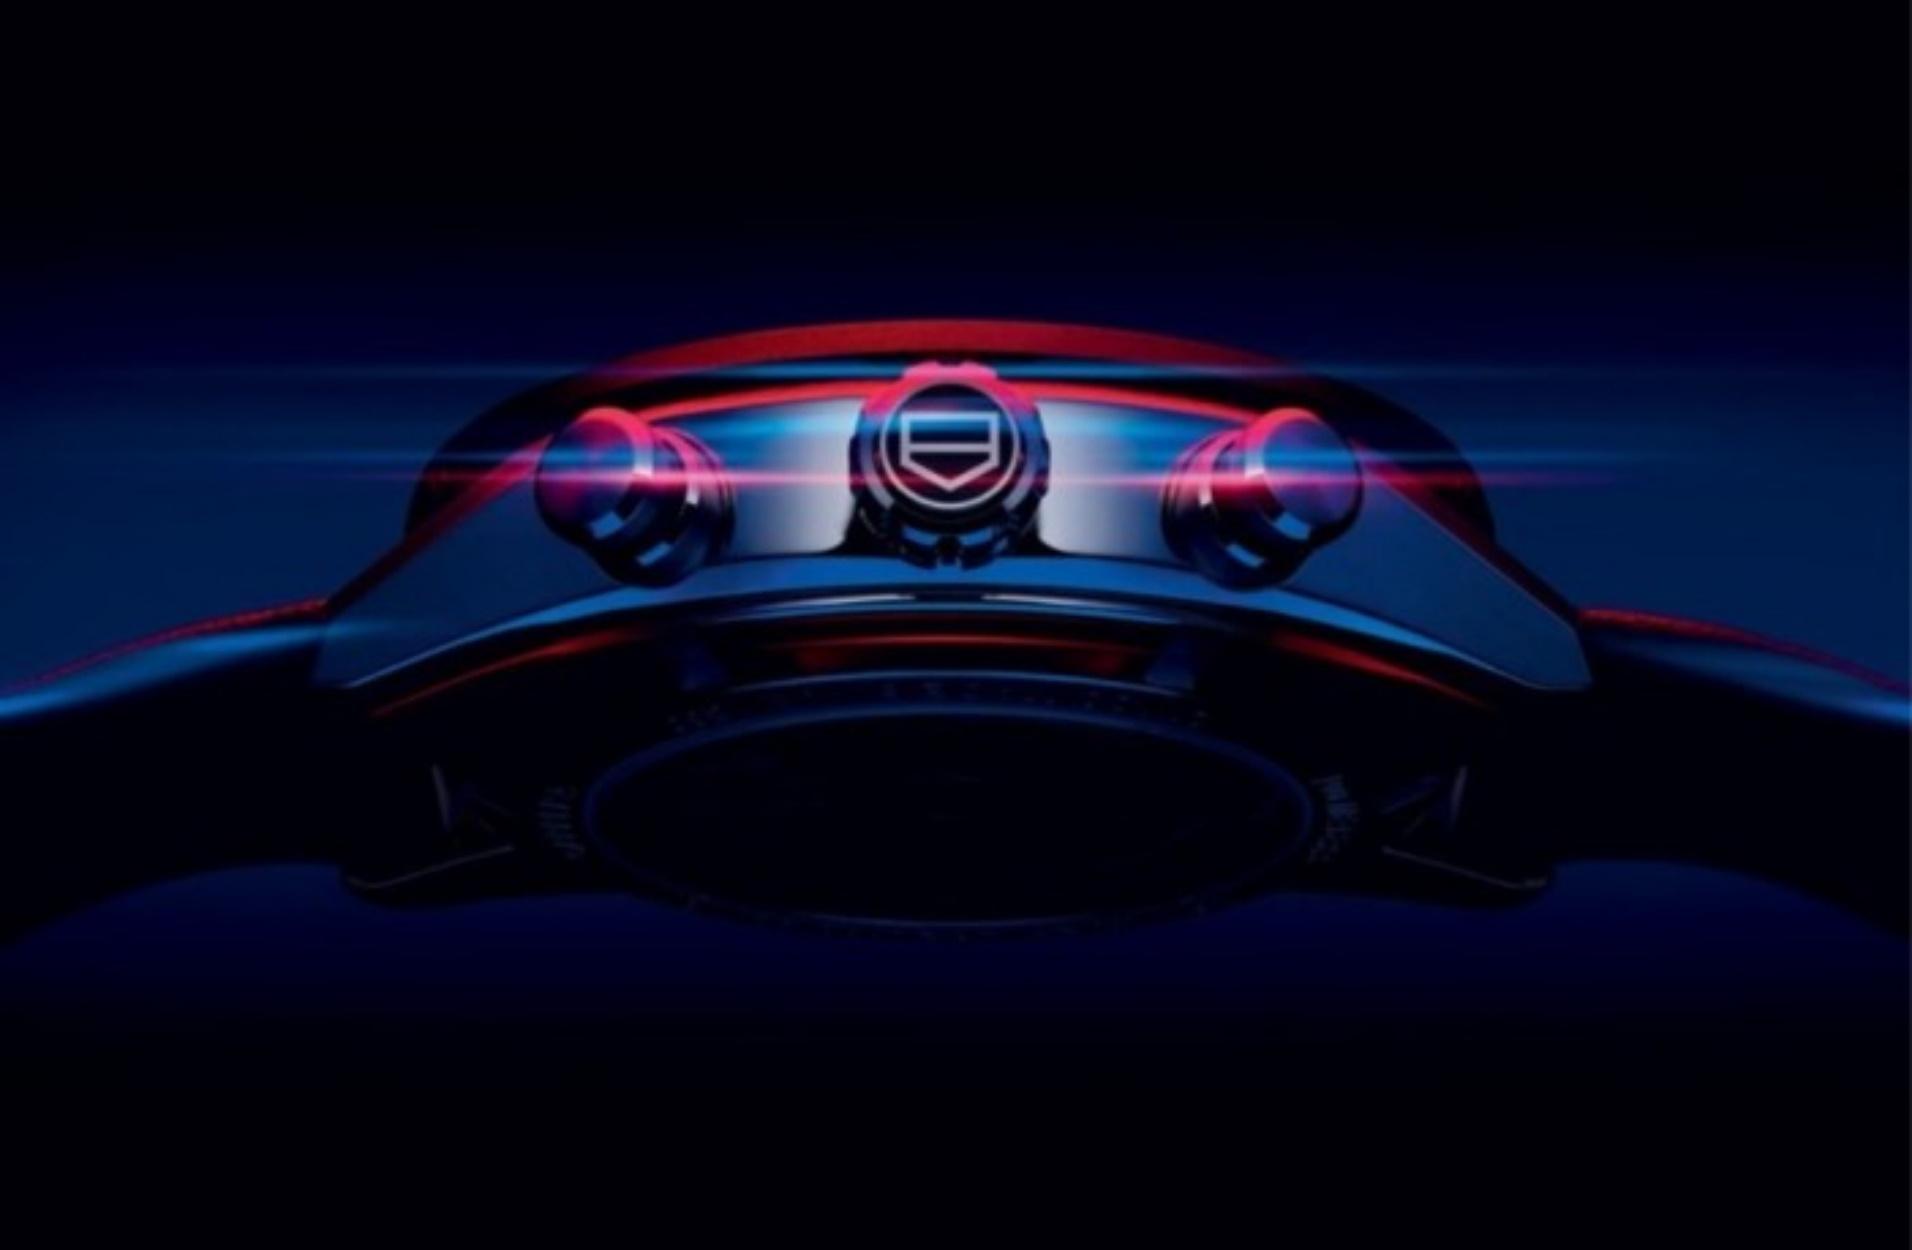 Το νέο ρολόι από την συνεργασία της TAG Heuer με την Porsche θα σας ενθουσιάσει